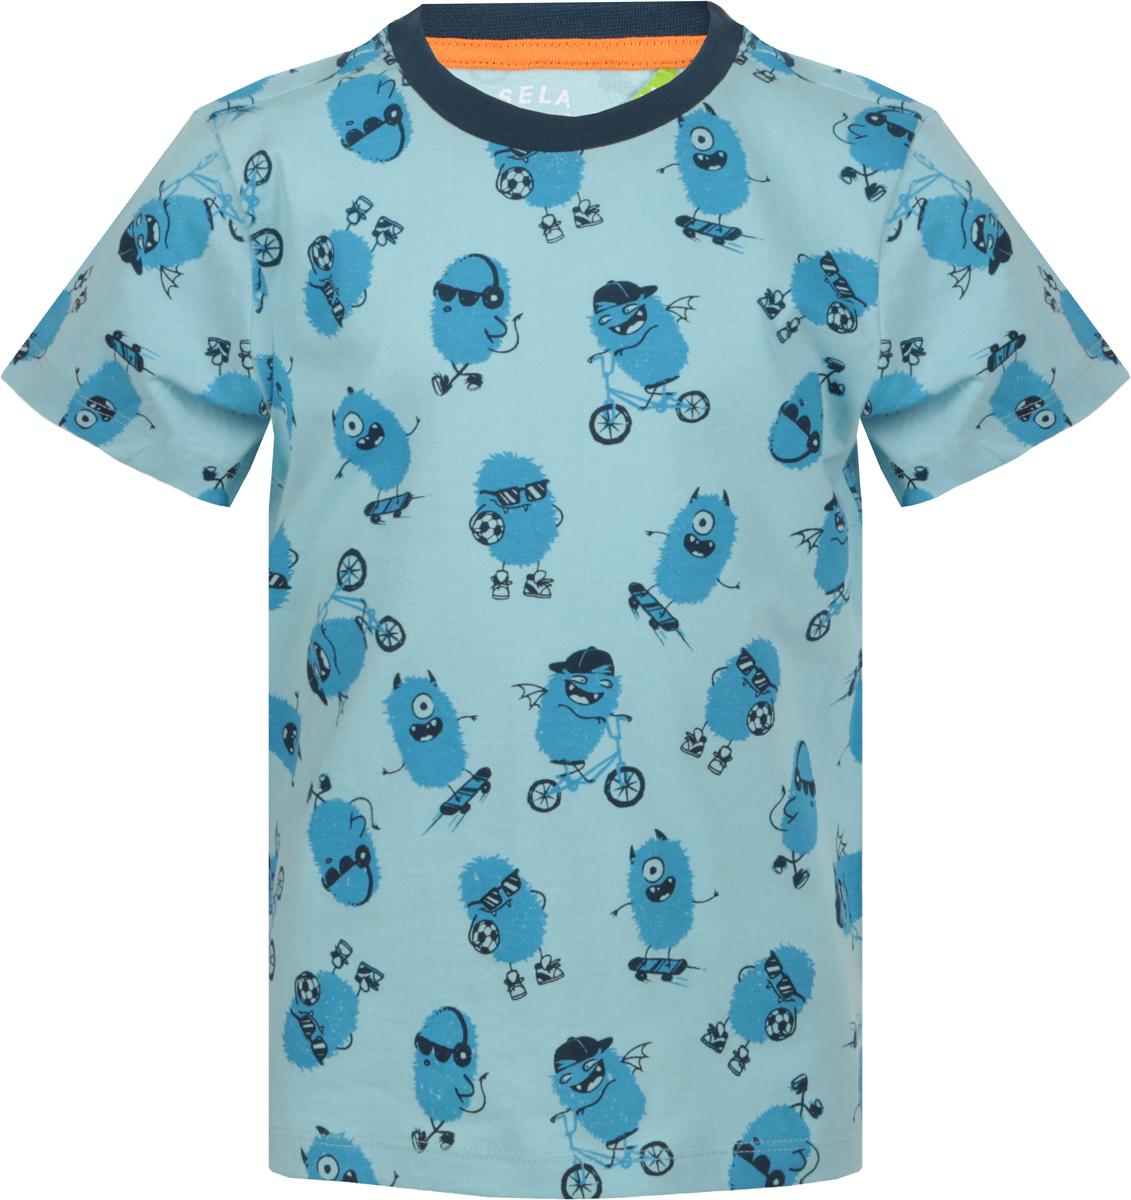 Футболка для мальчика Sela, цвет: снежно-голубой. Ts-711/539-8122. Размер 110, 5 лет